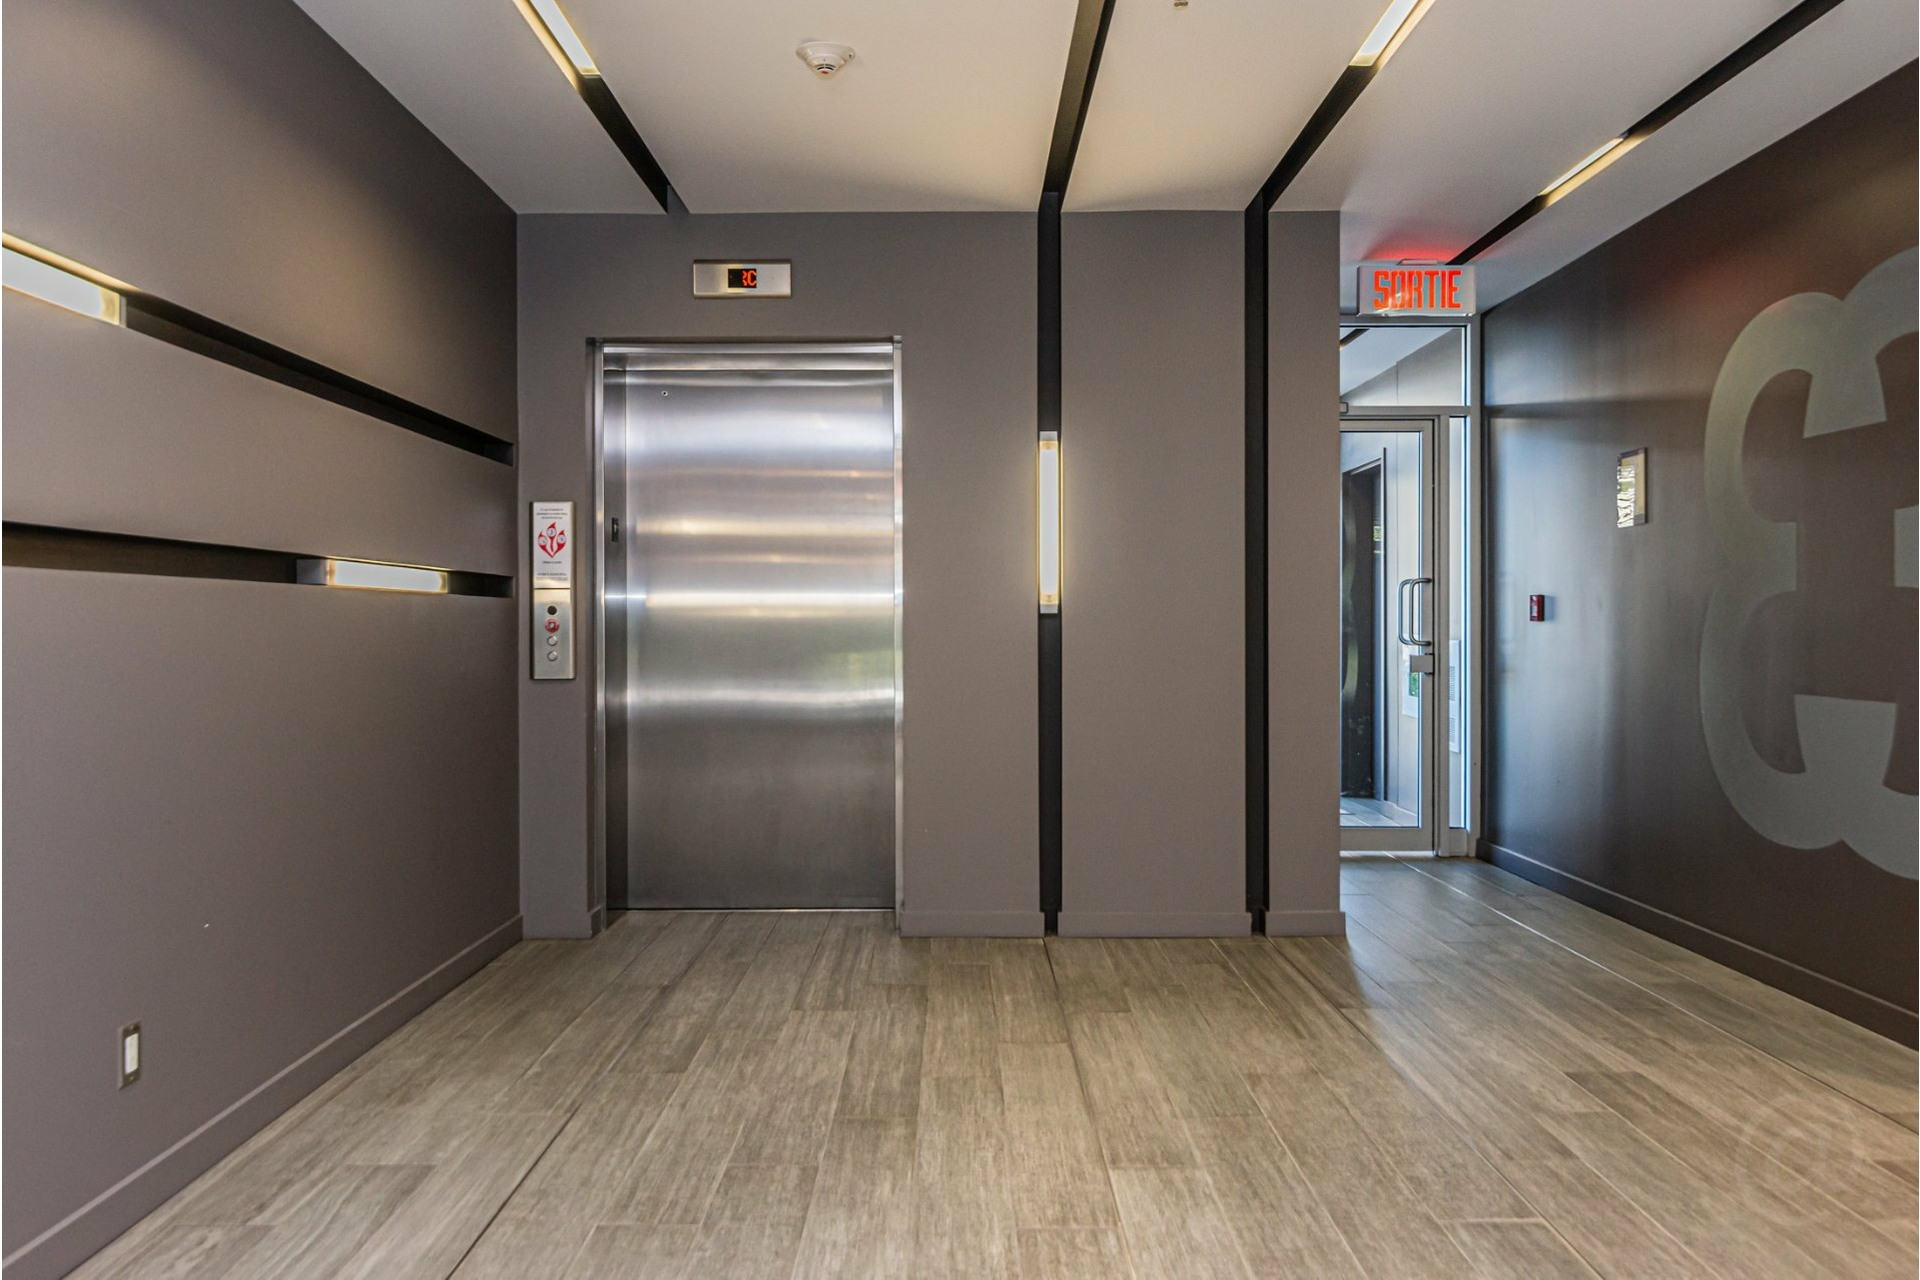 image 6 - Apartment For sale Lachine Montréal  - 4 rooms